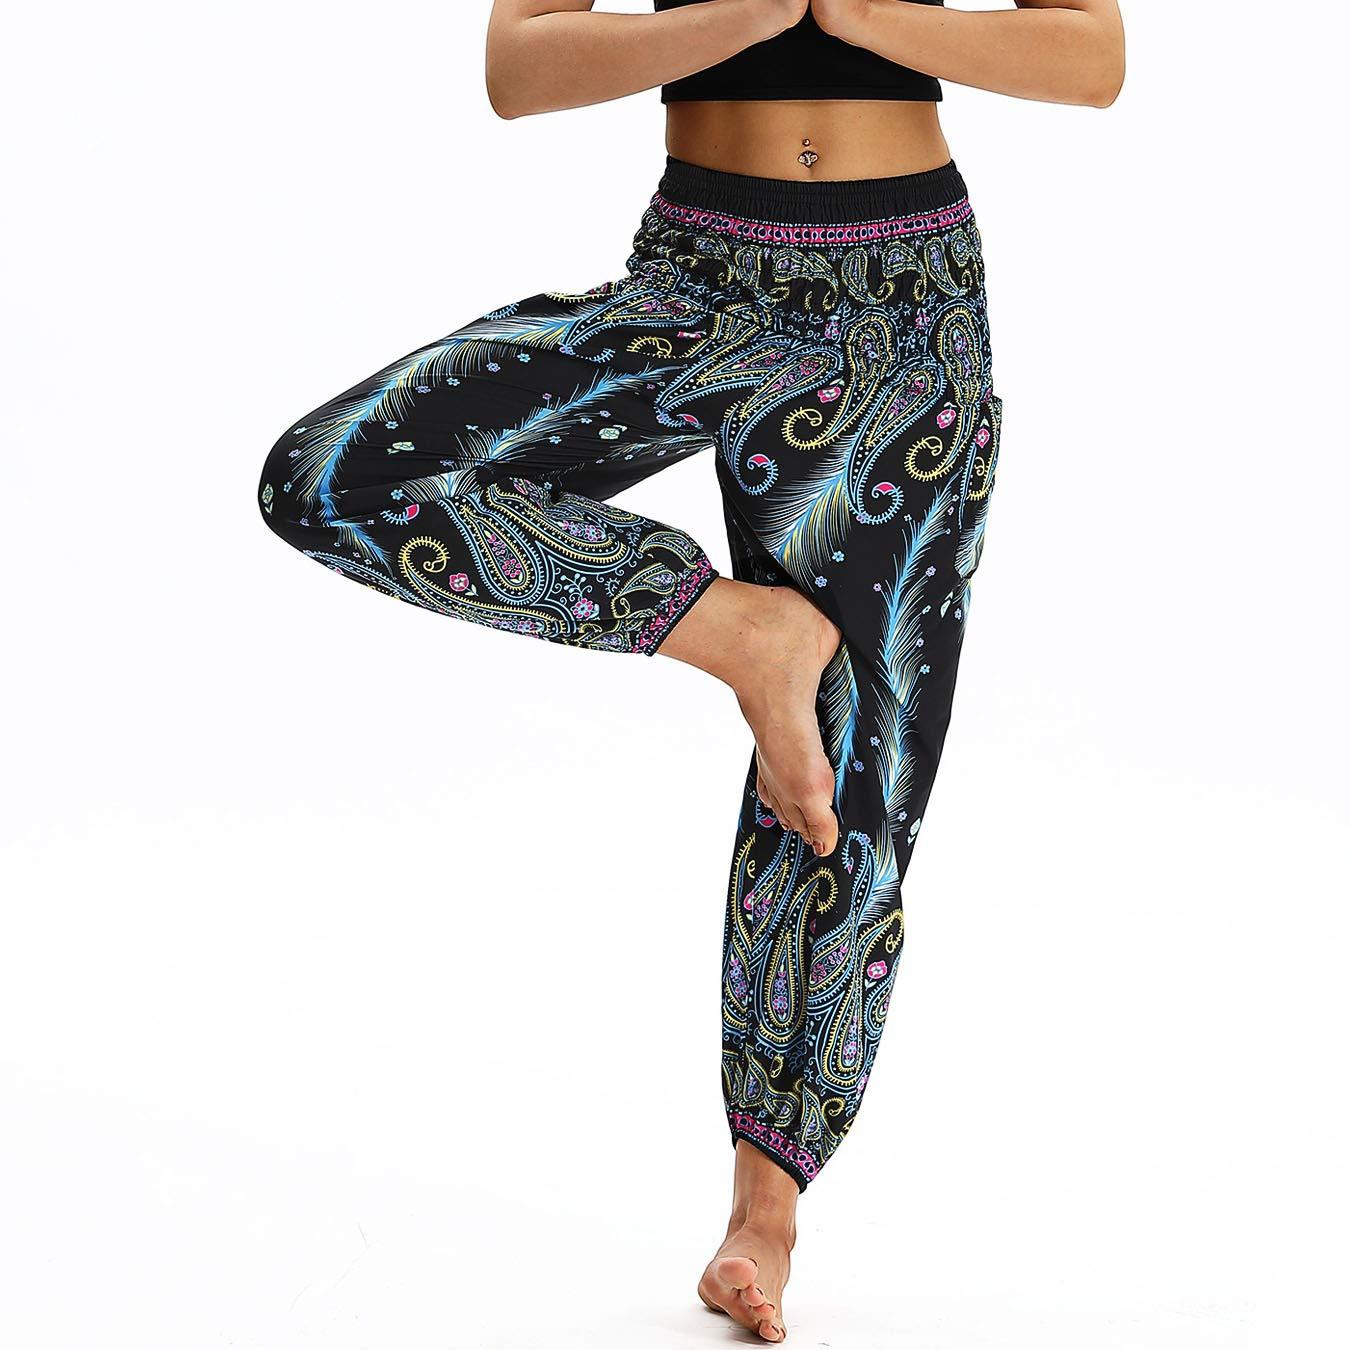 Nuofengkudu Mujer Pantalones Harem Tailandes Hippies Vintage Boho Flores Verano Alta Cintura Elastica Casual Danza Yoga Pants Bombachos Azul Claro Pavo A: ...